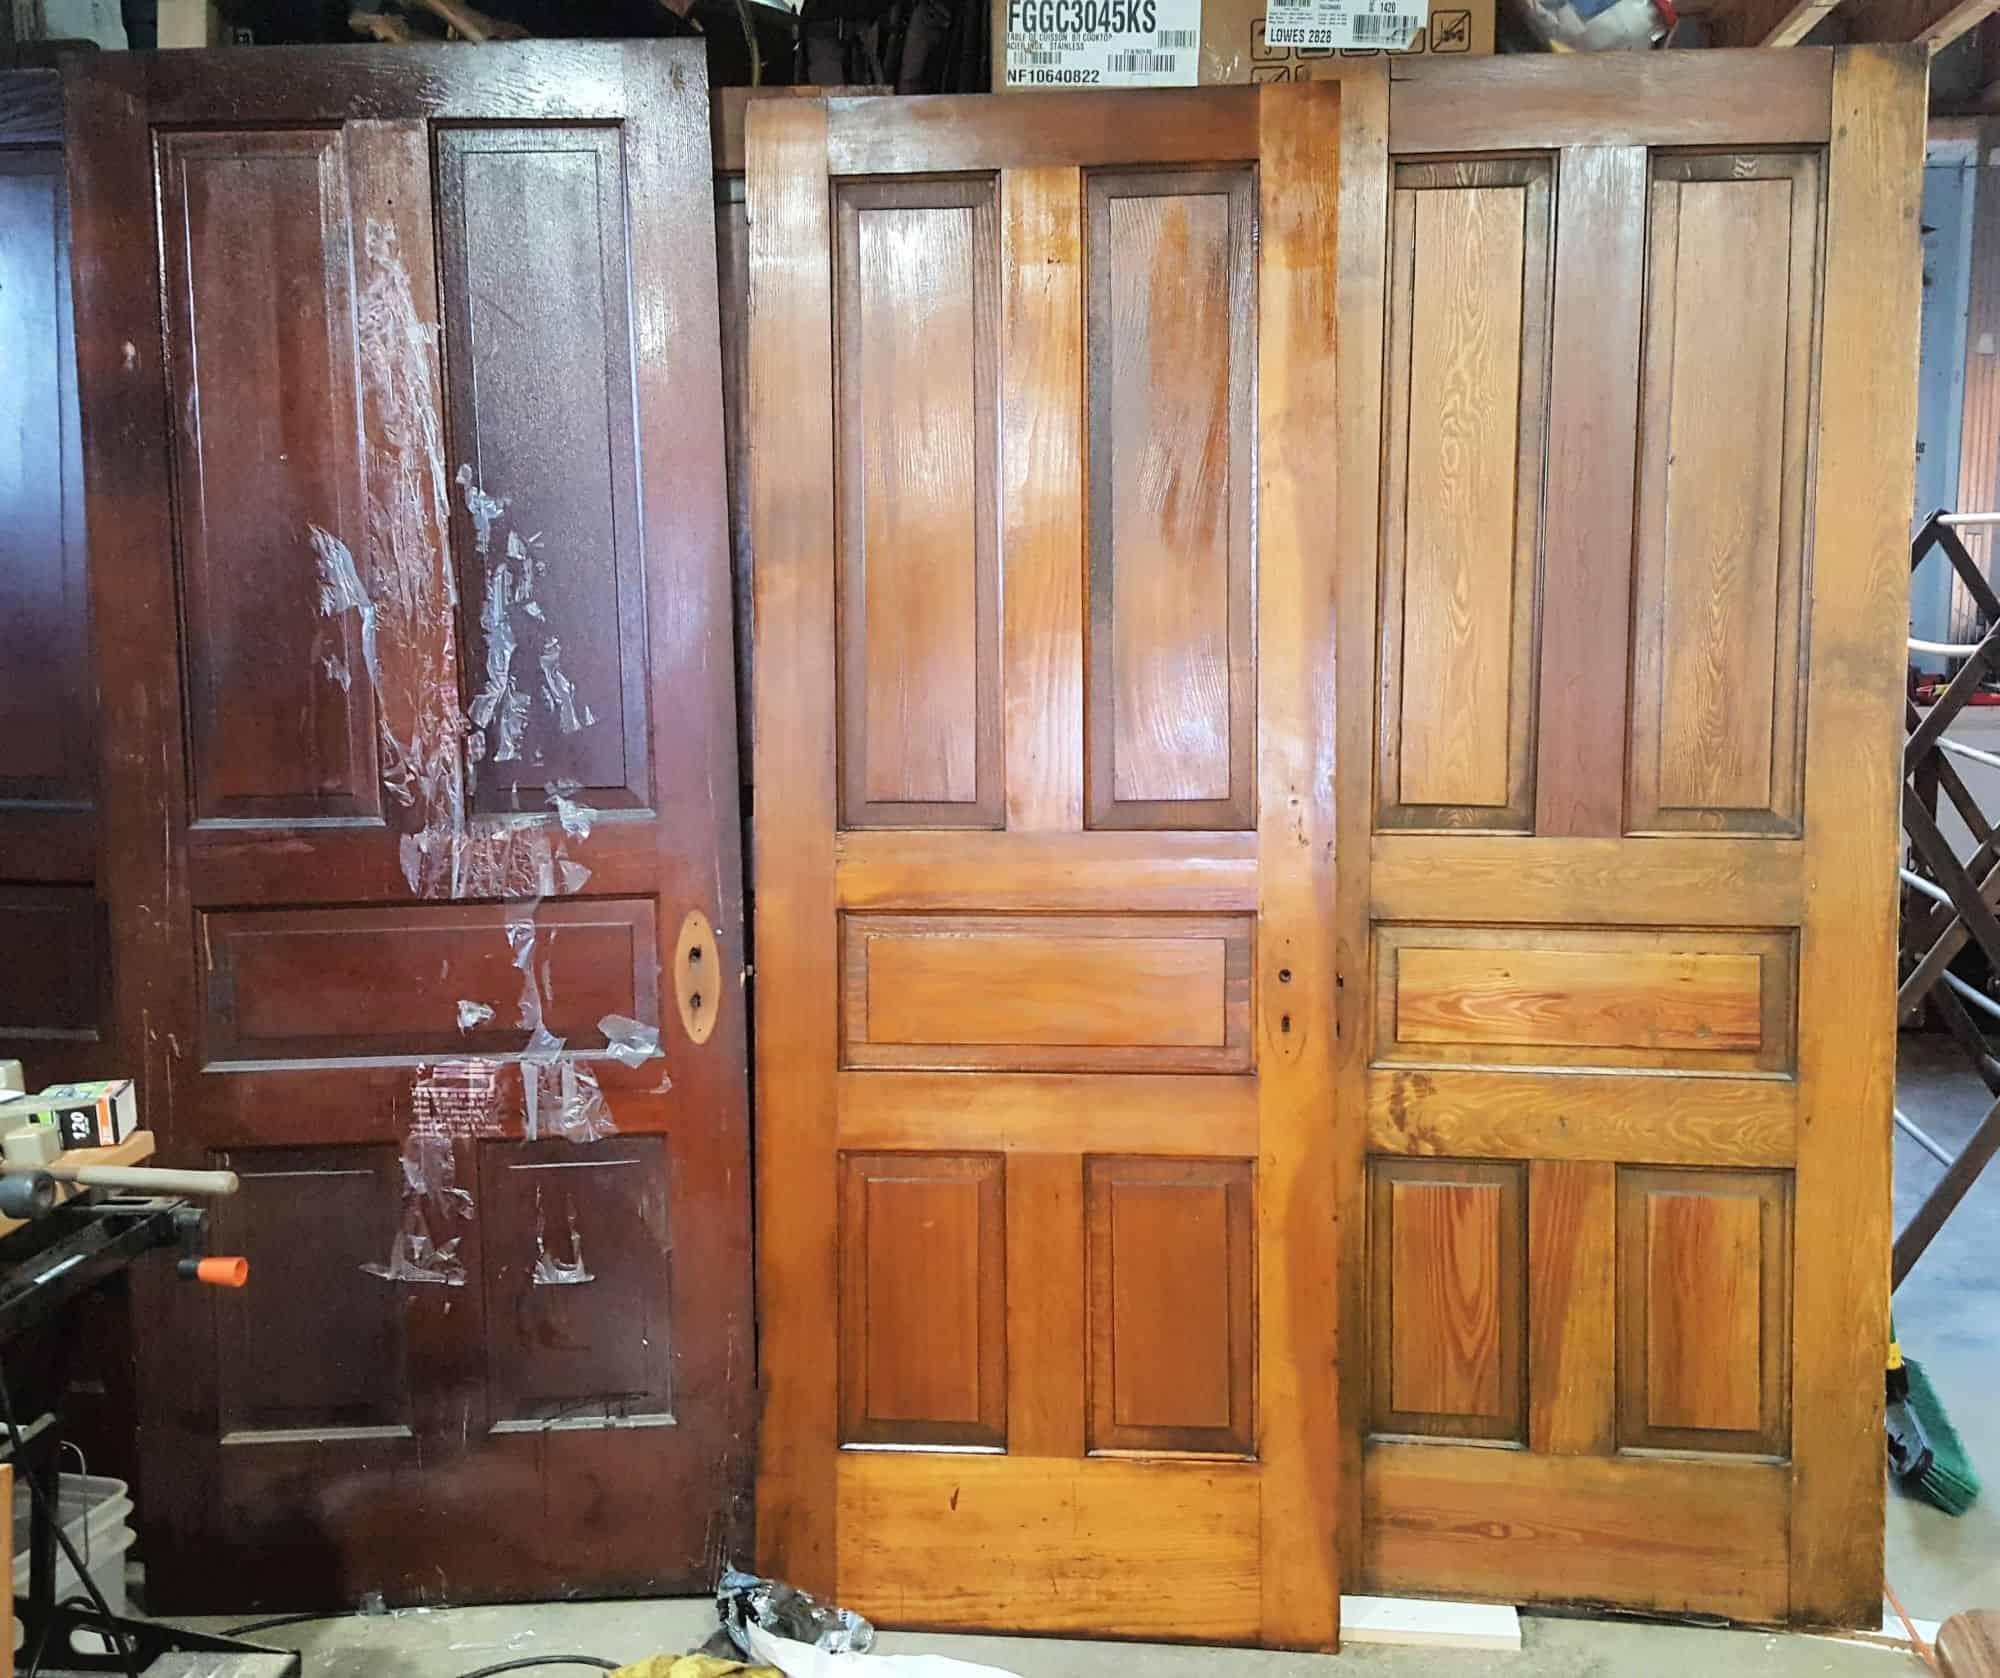 Three antique doors